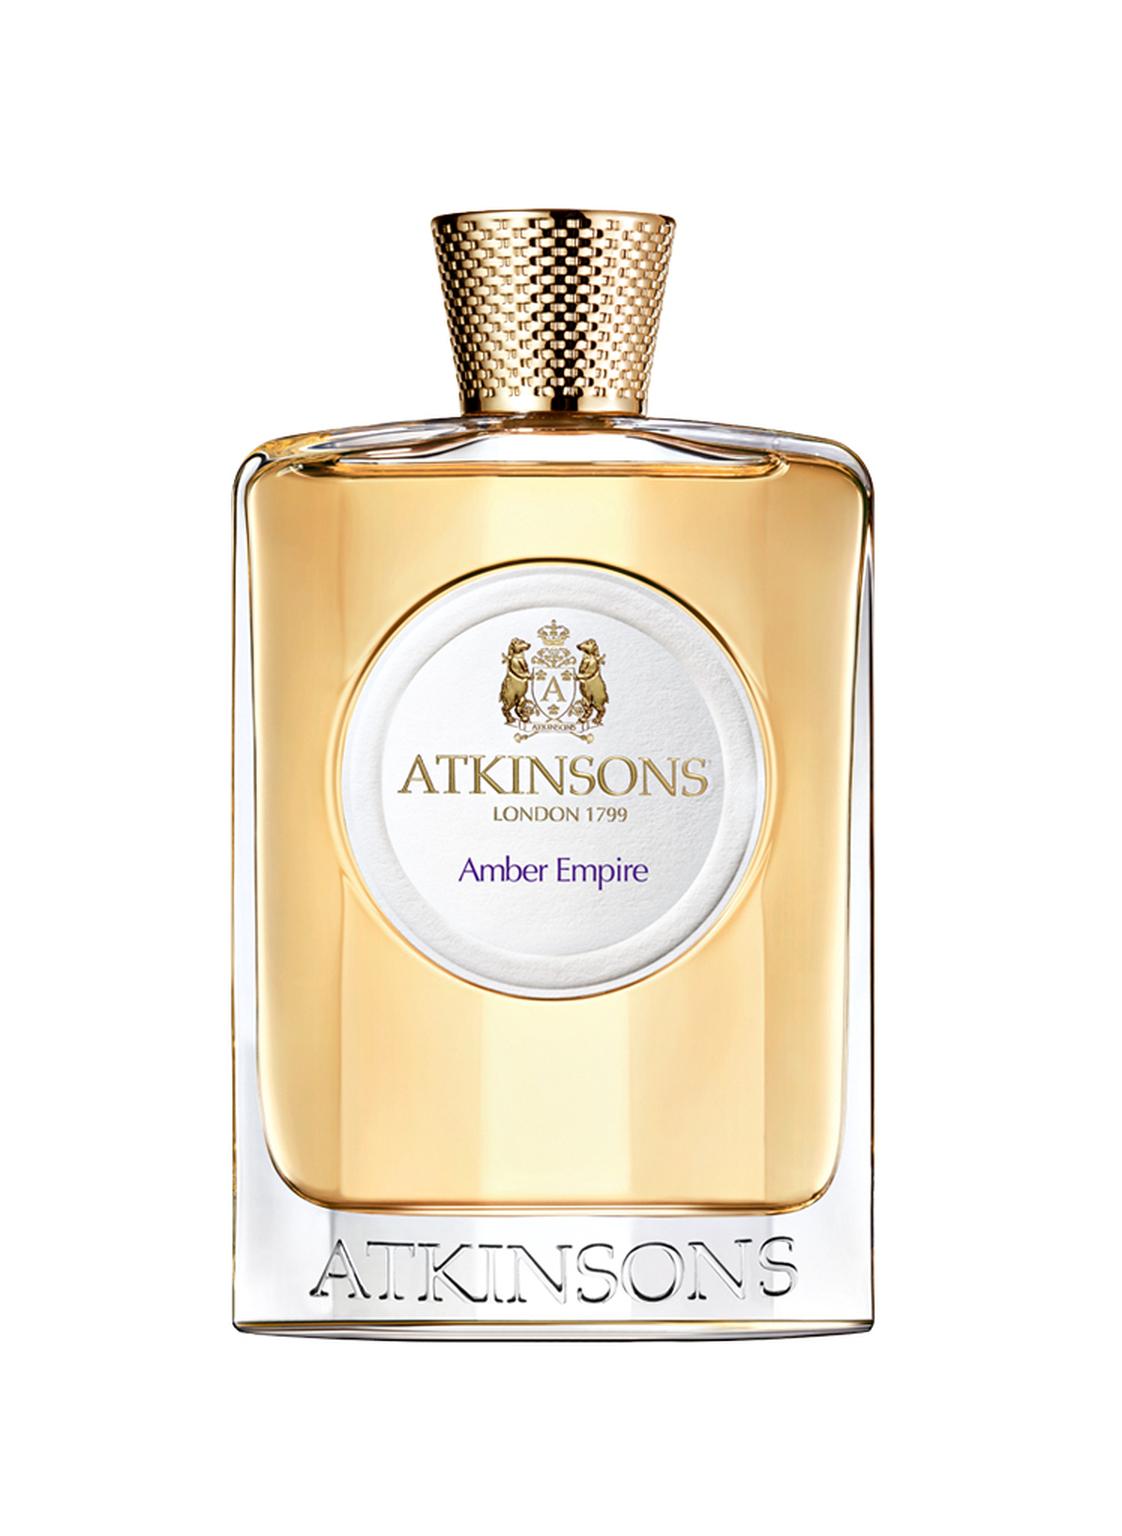 Image of Atkinsons Amber Empire Eau de Toilette 100 ml